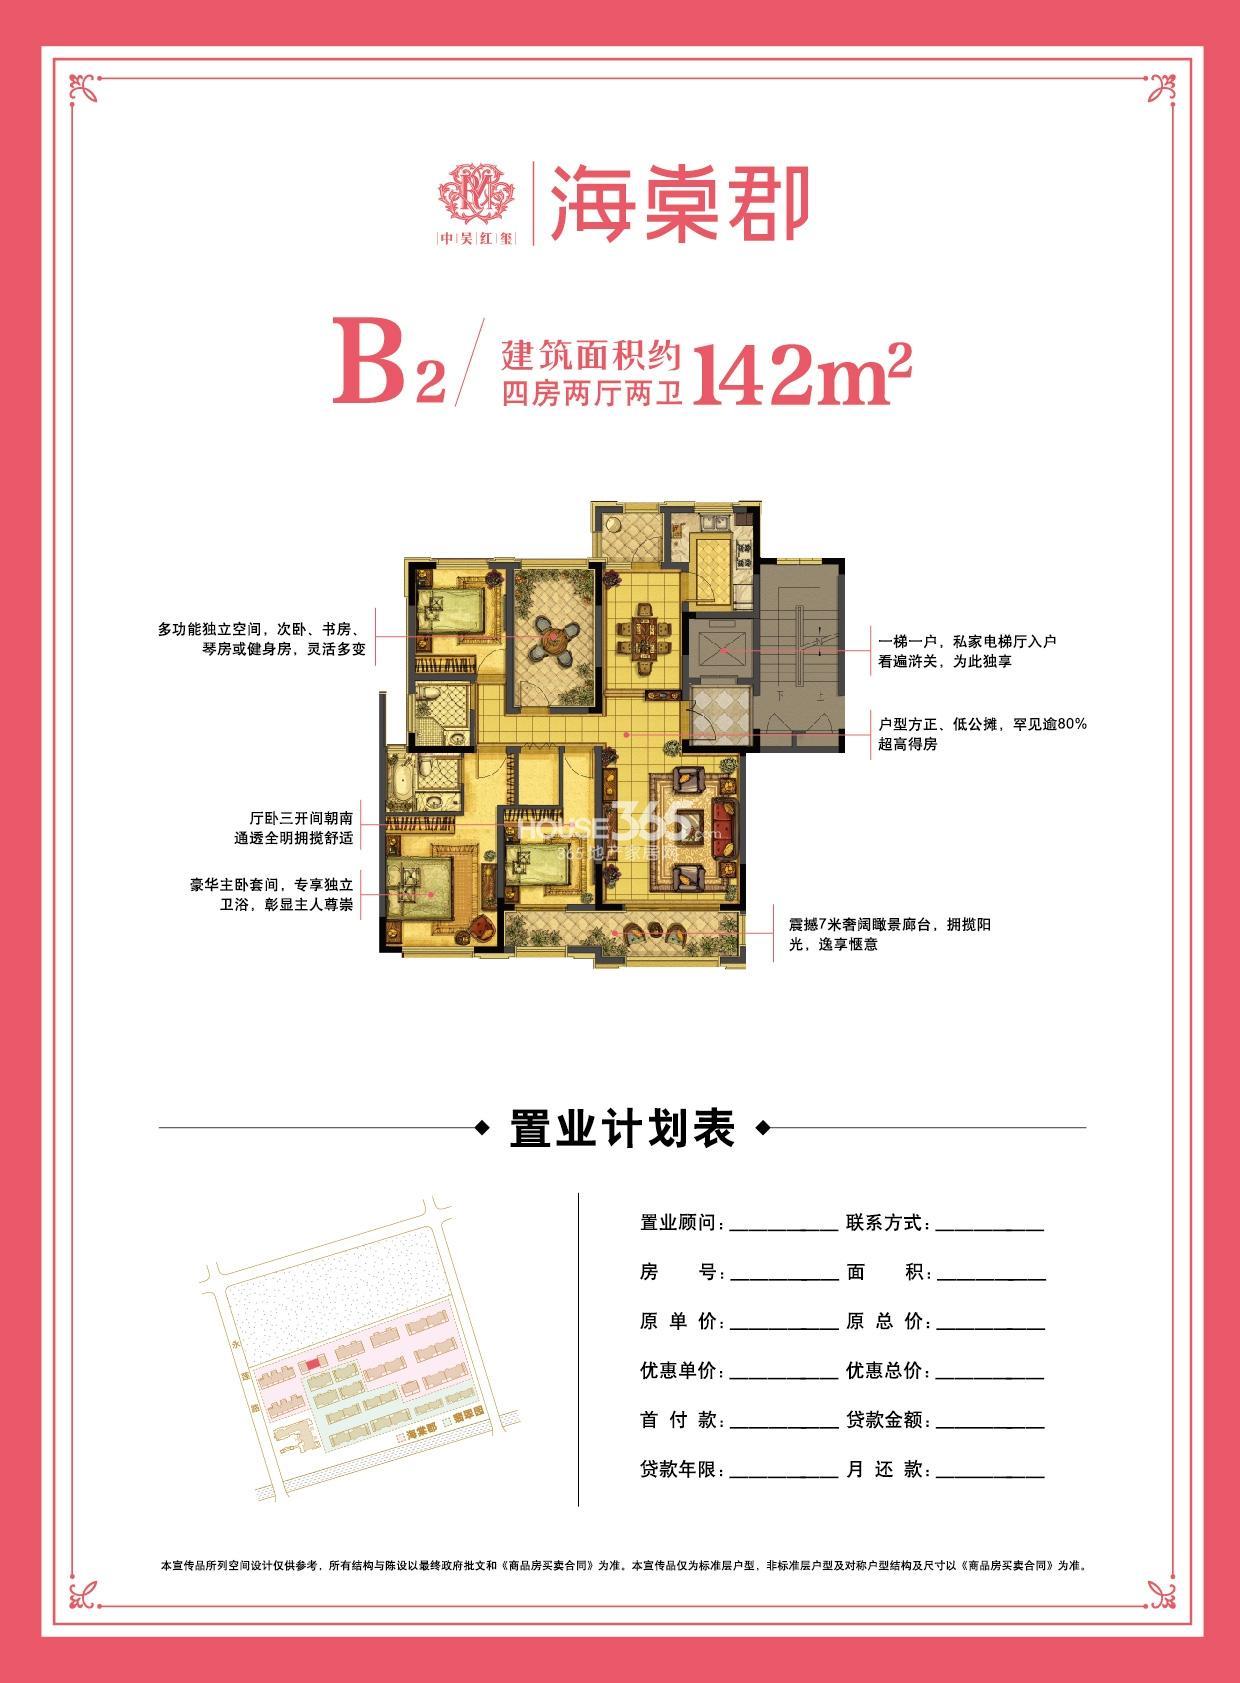 海棠郡B2户型四房两厅两卫142平米